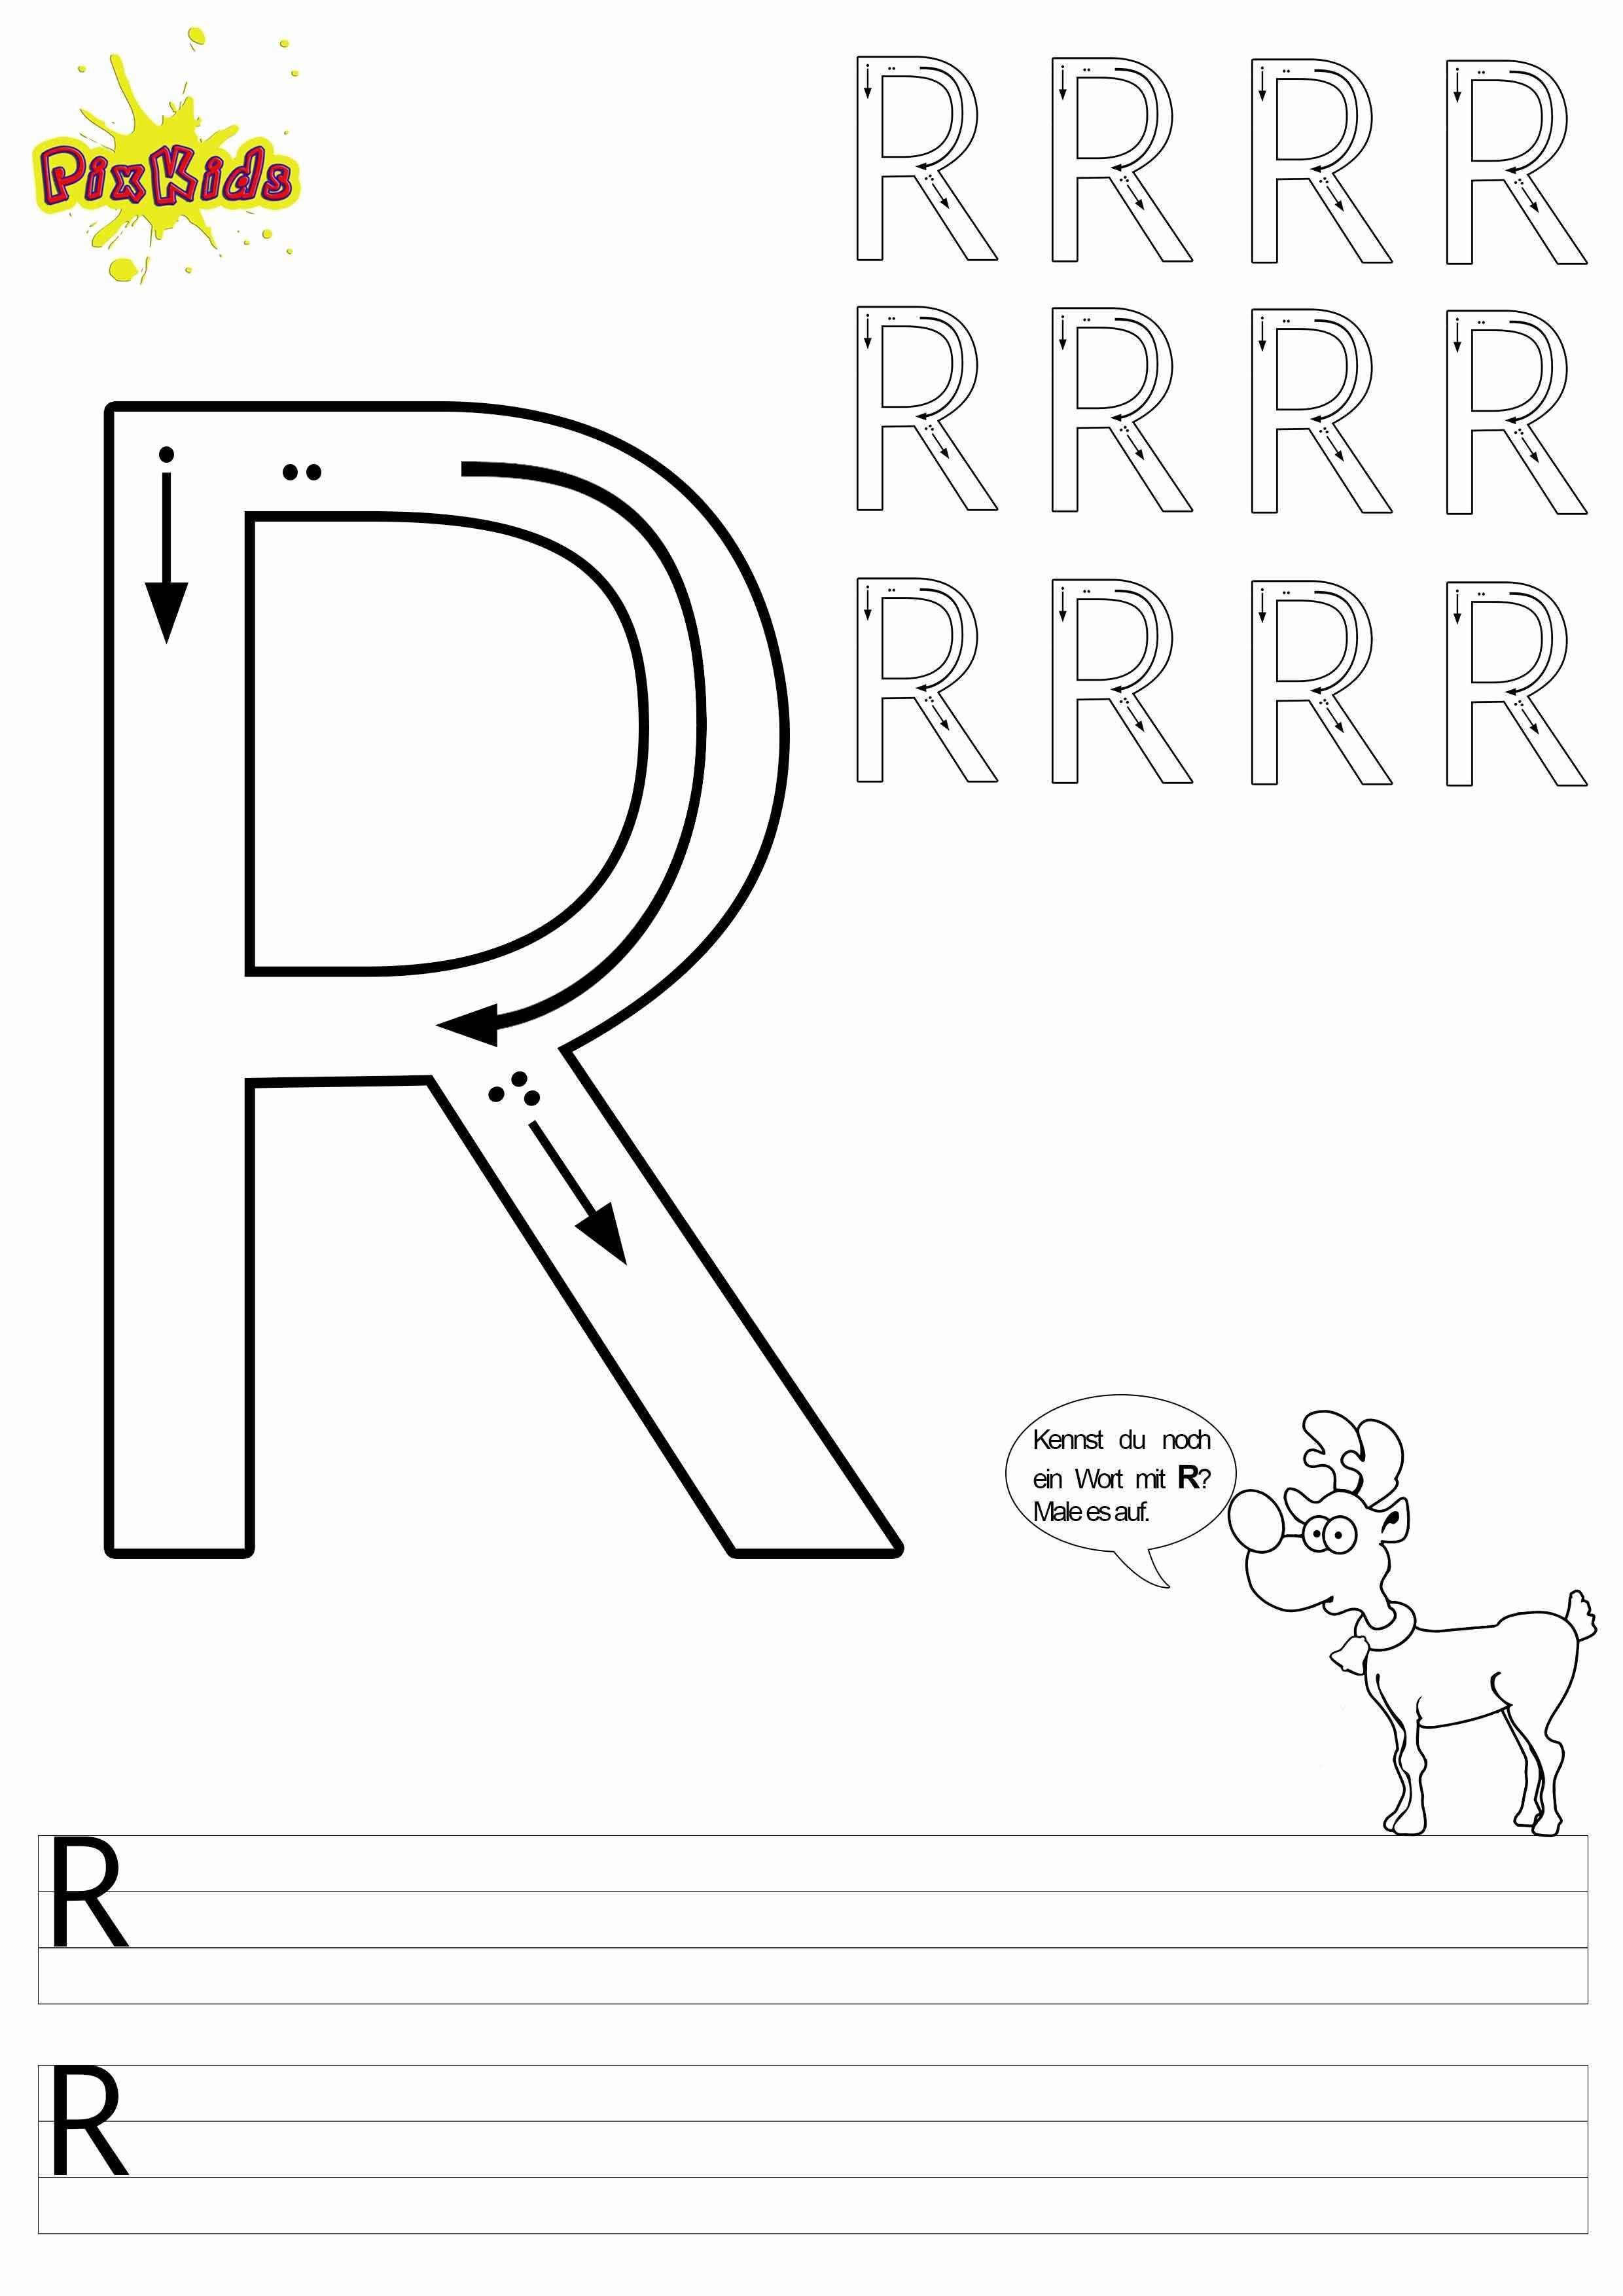 Vorlage Arbeitsblatt Schreiben Lernen Grundschule Vorschule Buchstaben Grossbuchstabe R Schreiben Lernen Buchstaben Lernen Arbeitsblatter